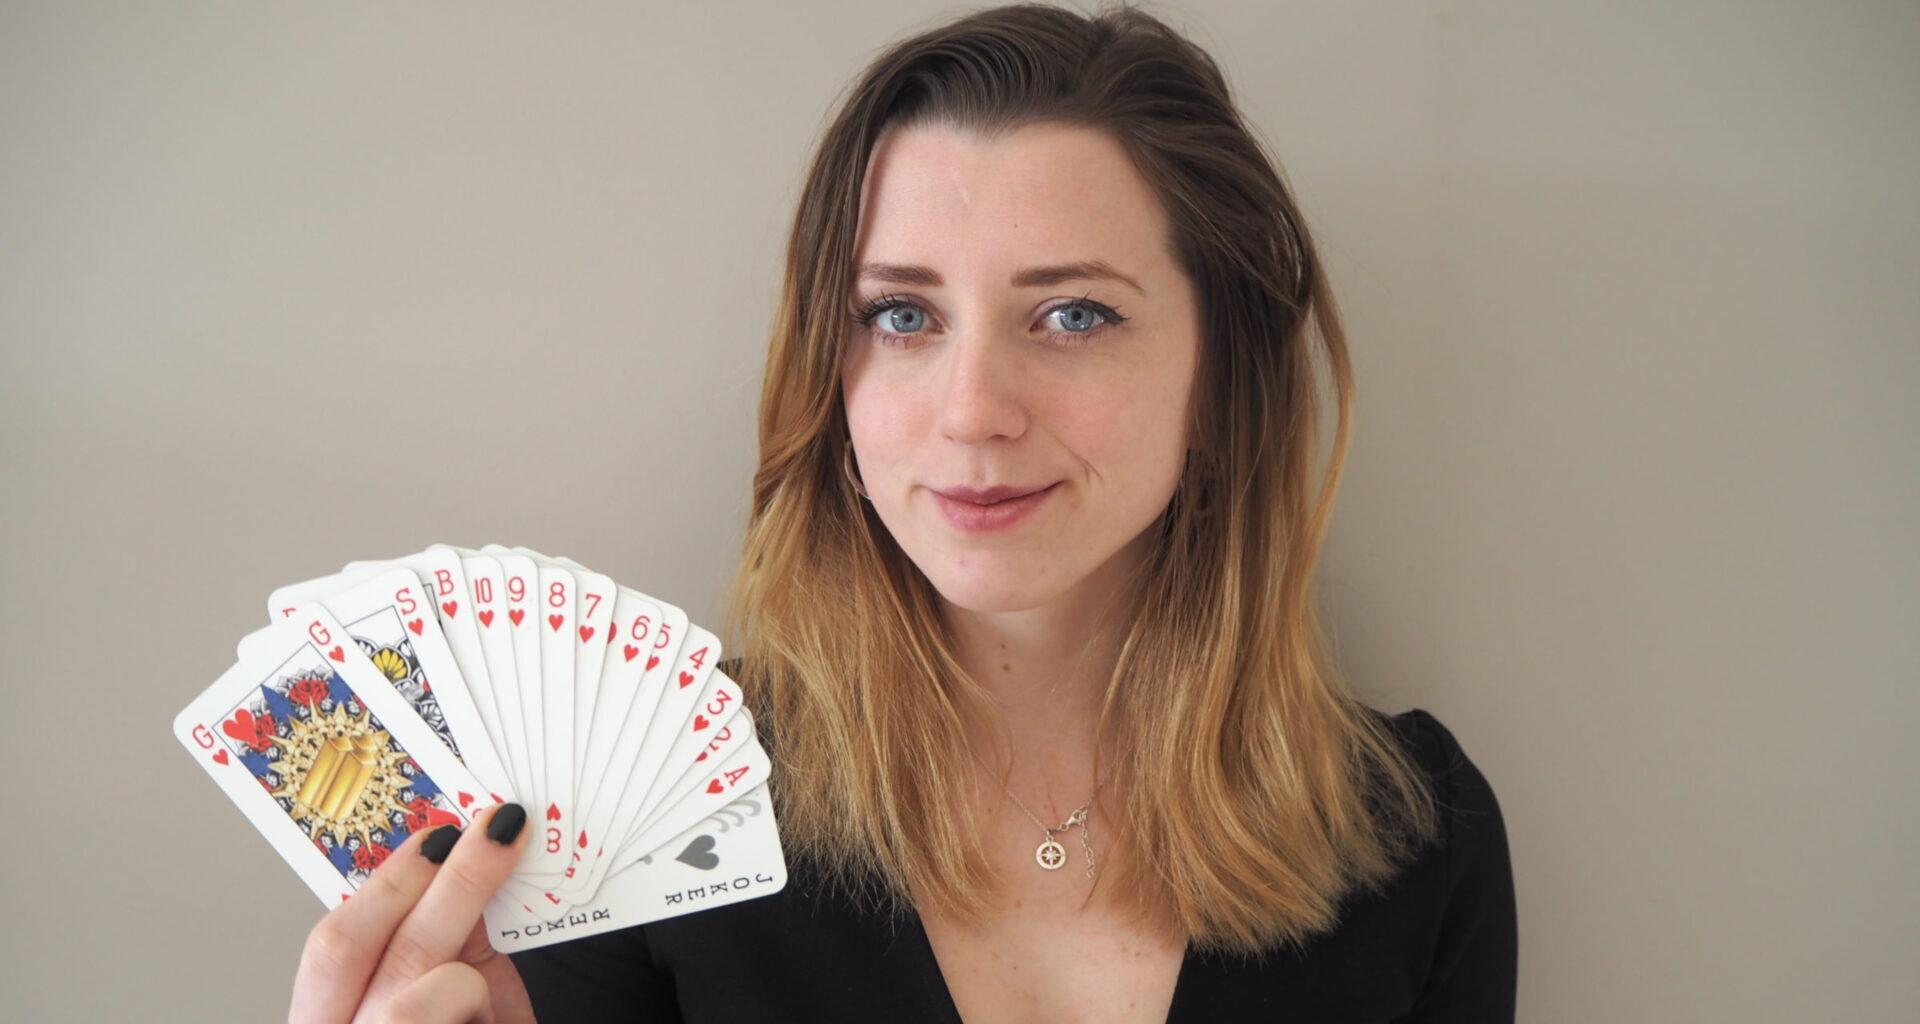 Indy (23) maakt genderloos kaartspel dat wereldwijd verkocht wordt